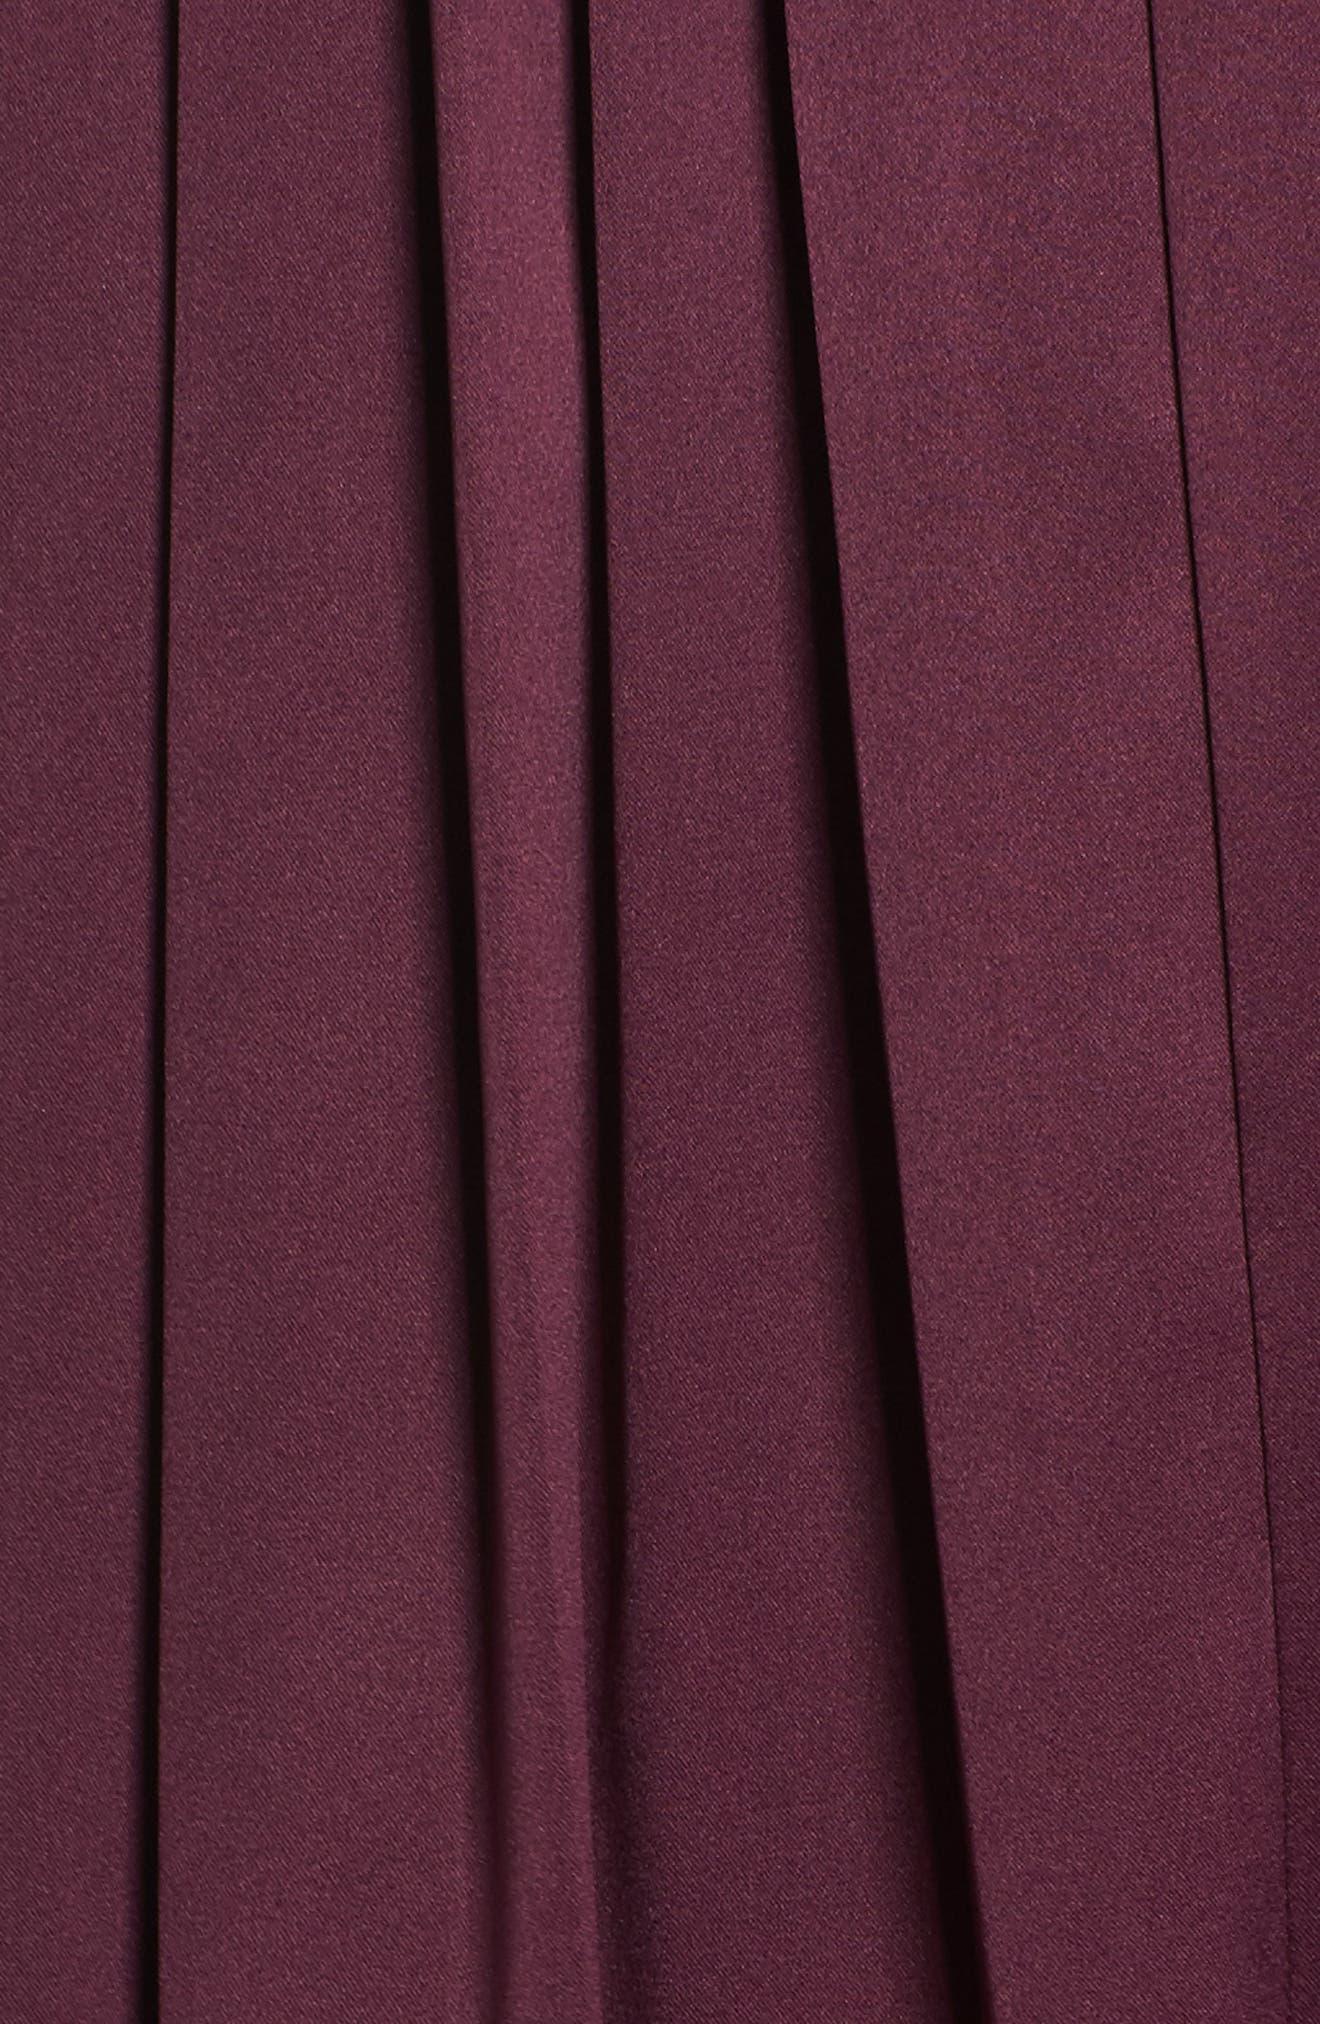 Shotgun Wedding Satin Shirtdress,                             Alternate thumbnail 5, color,